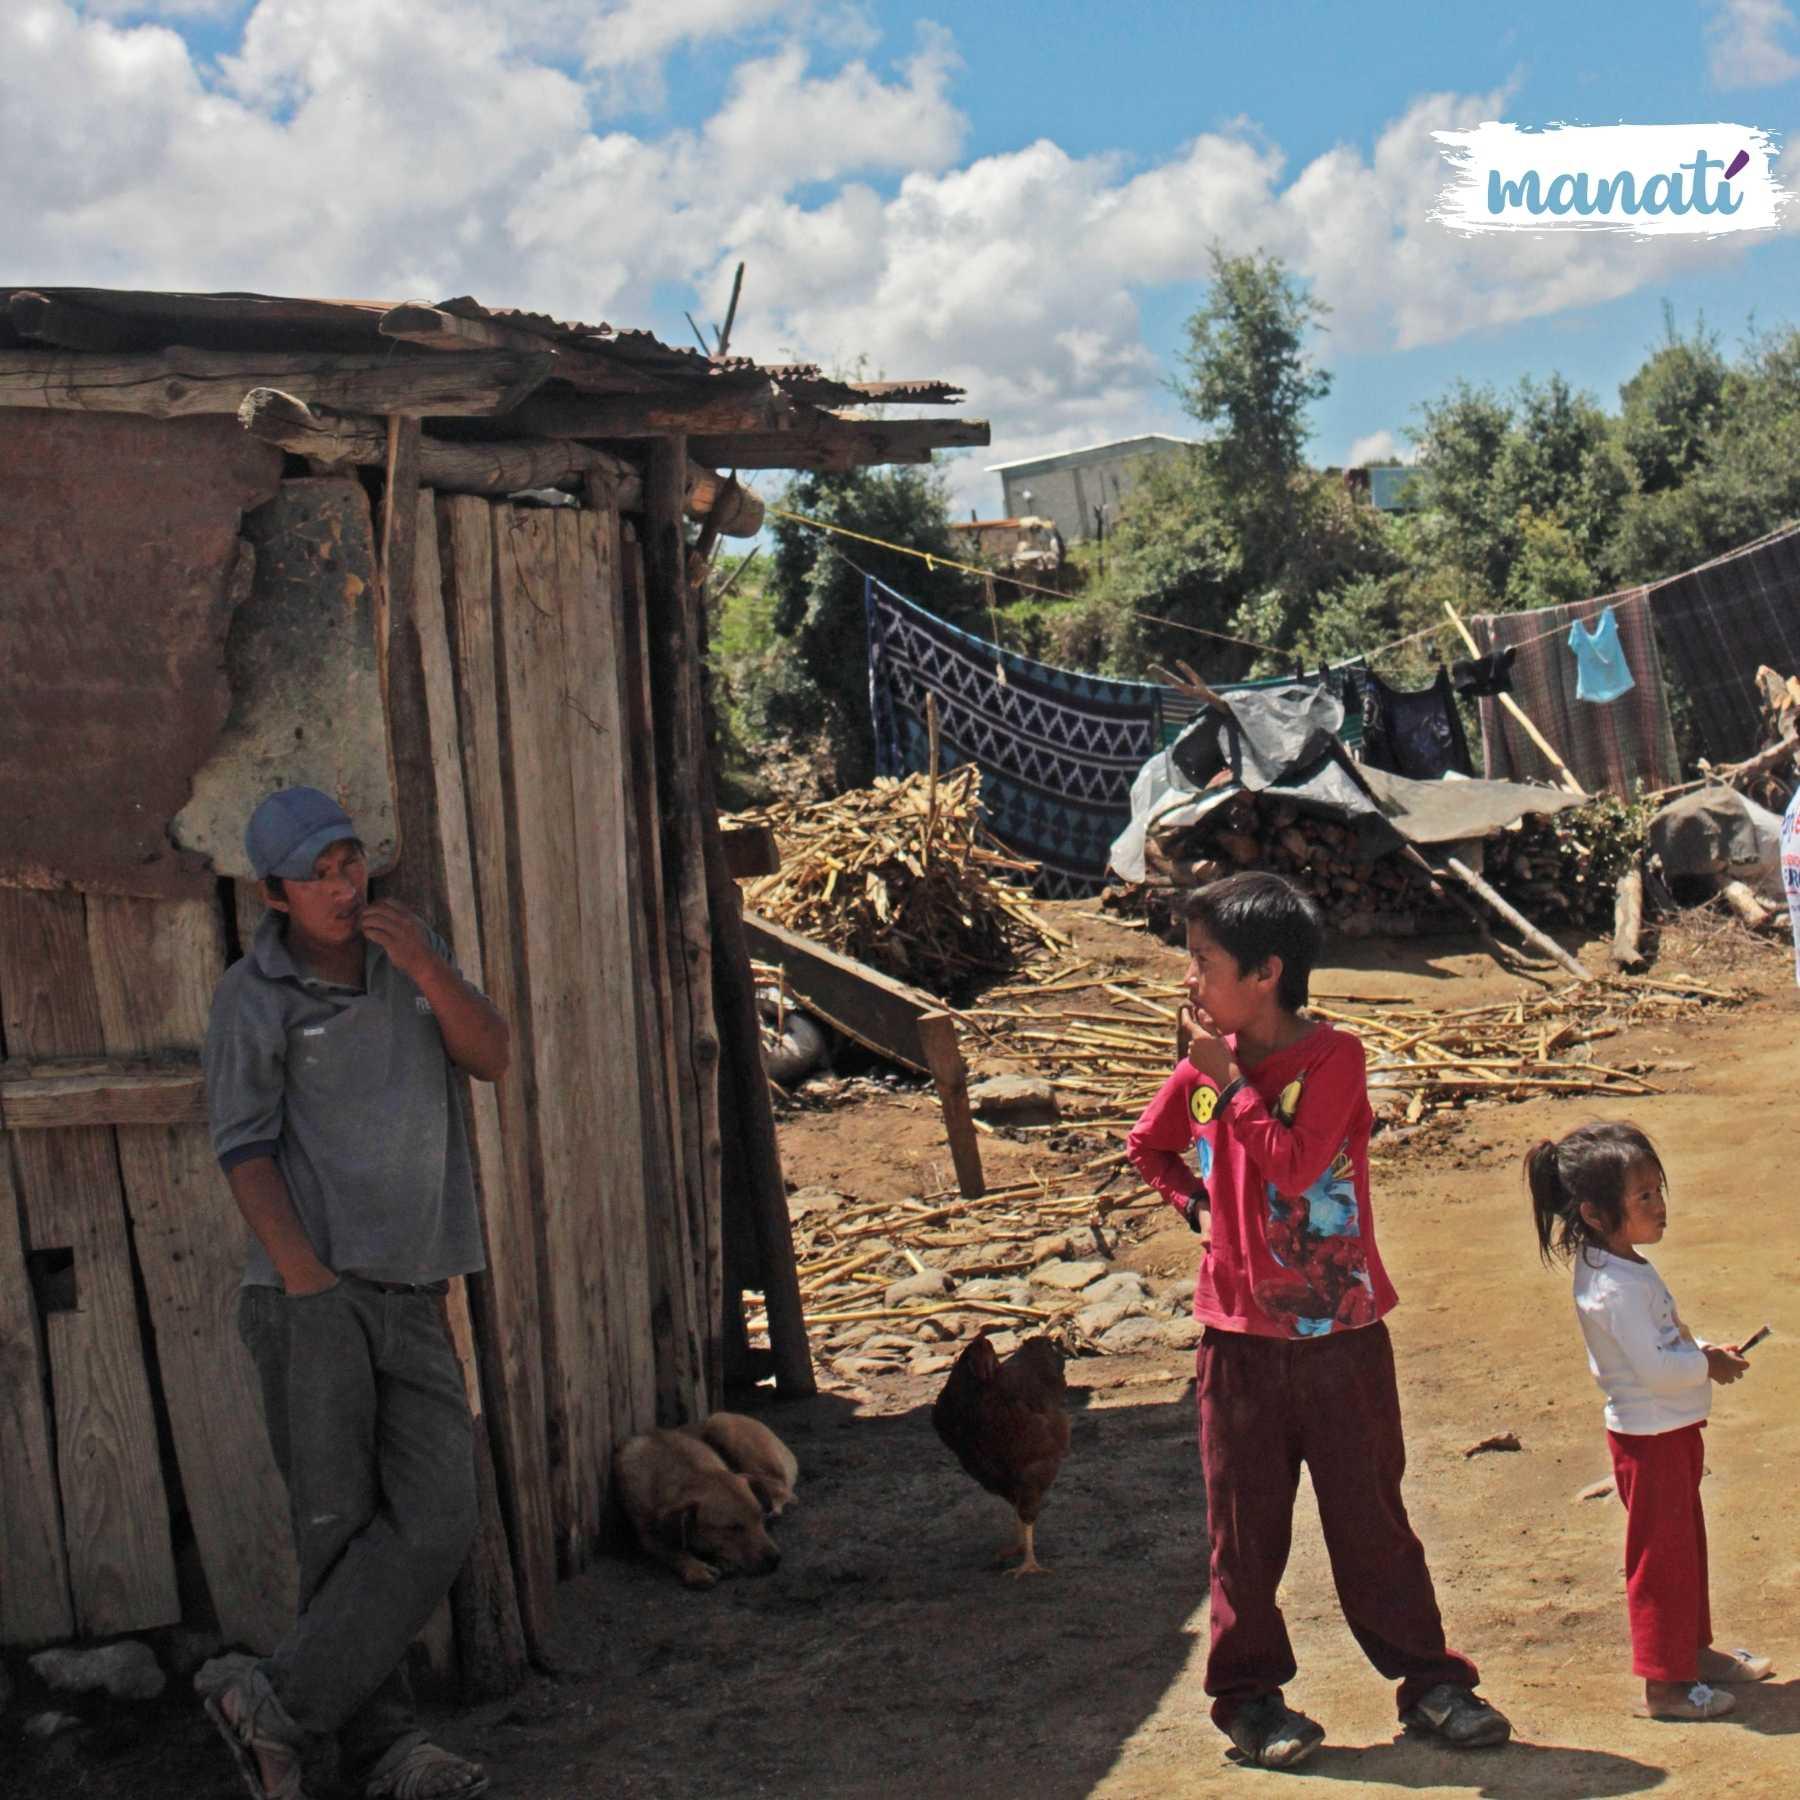 La calidad de la vivienda, el acceso a la canasta básica, los servicios de salud y seguridad social, son algunos de los indicadores para evaluar la pobreza y pobreza extrema en Puebla y México. Fotografía: Tania Olmedo |  Agencia Es Imagen